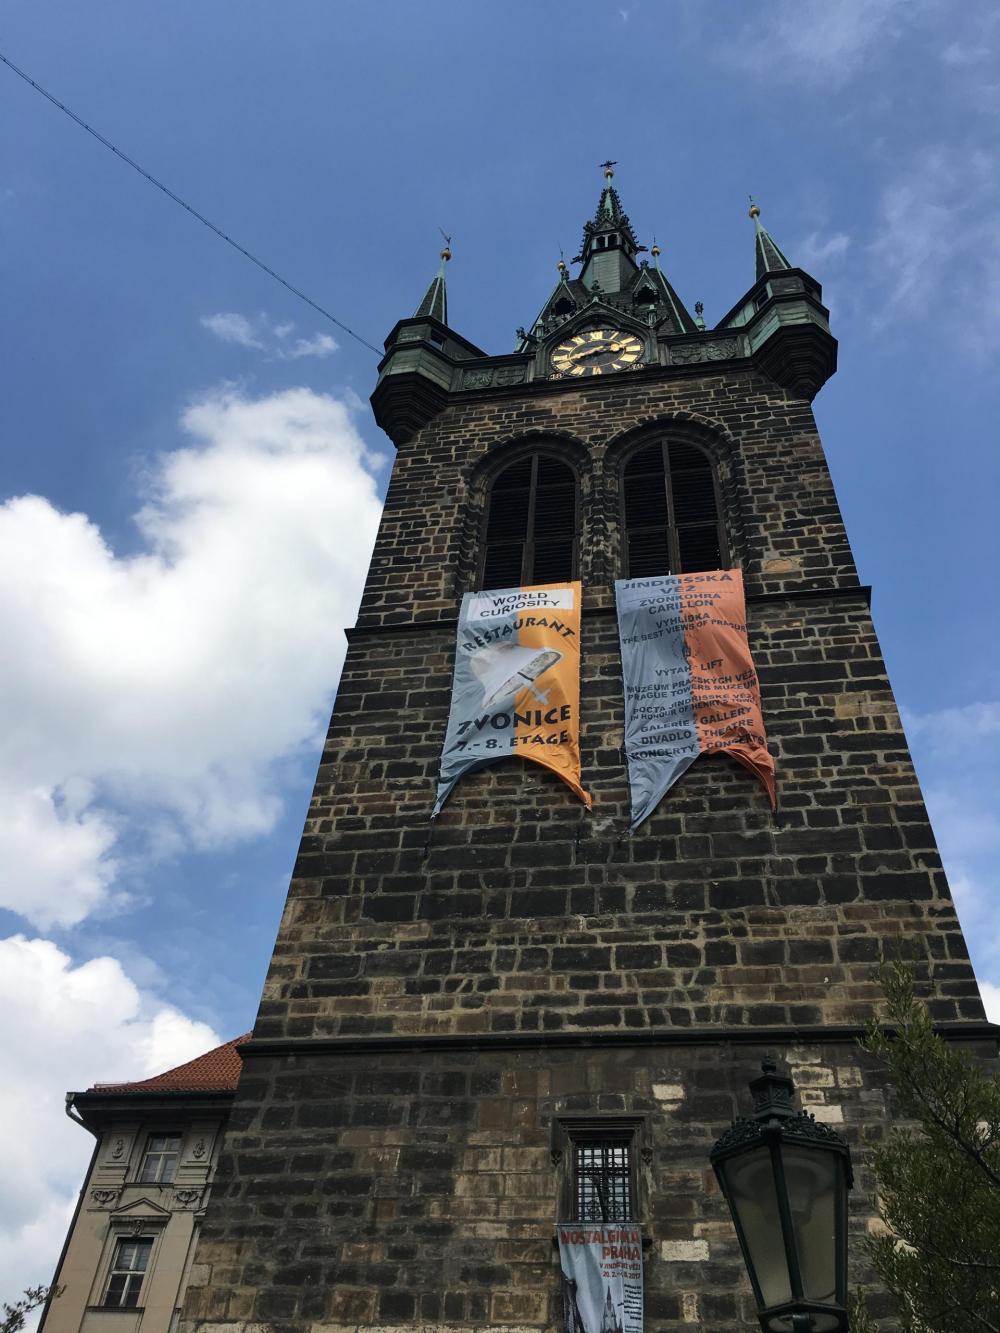 Torre Jindrissska